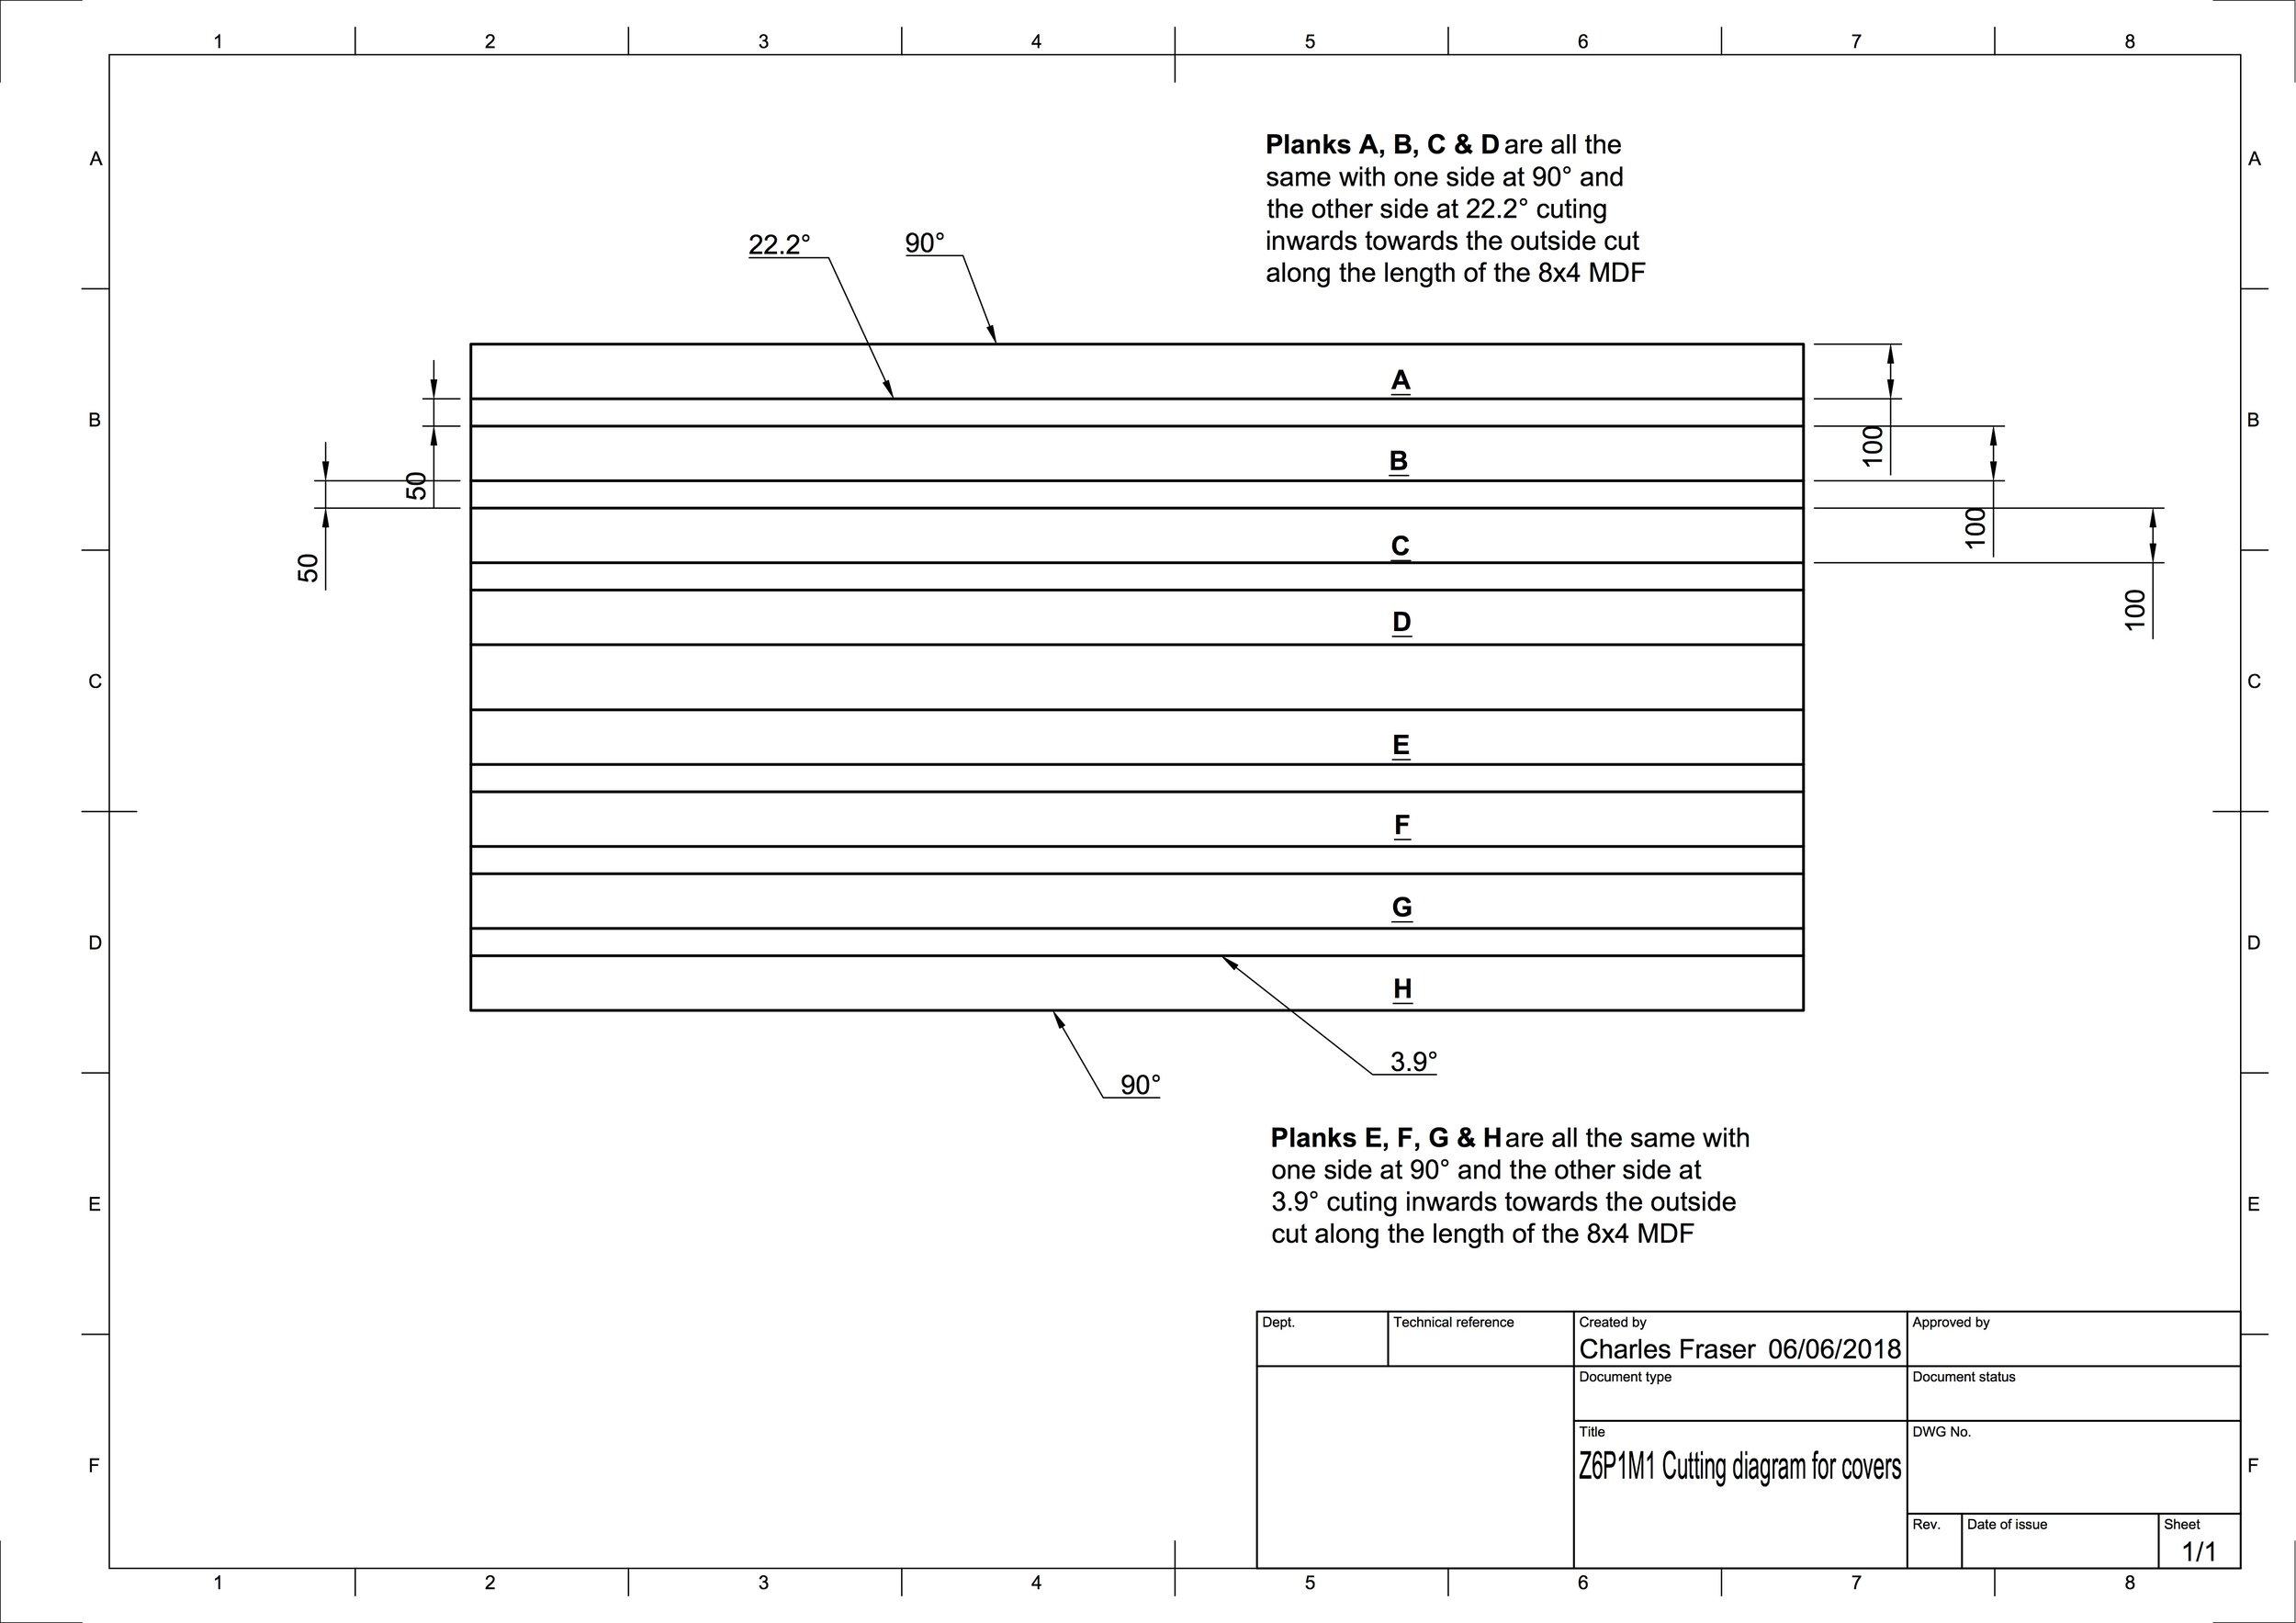 Z6P1M1 Cutting Diagram simplifedDrawing v1 copy.jpg